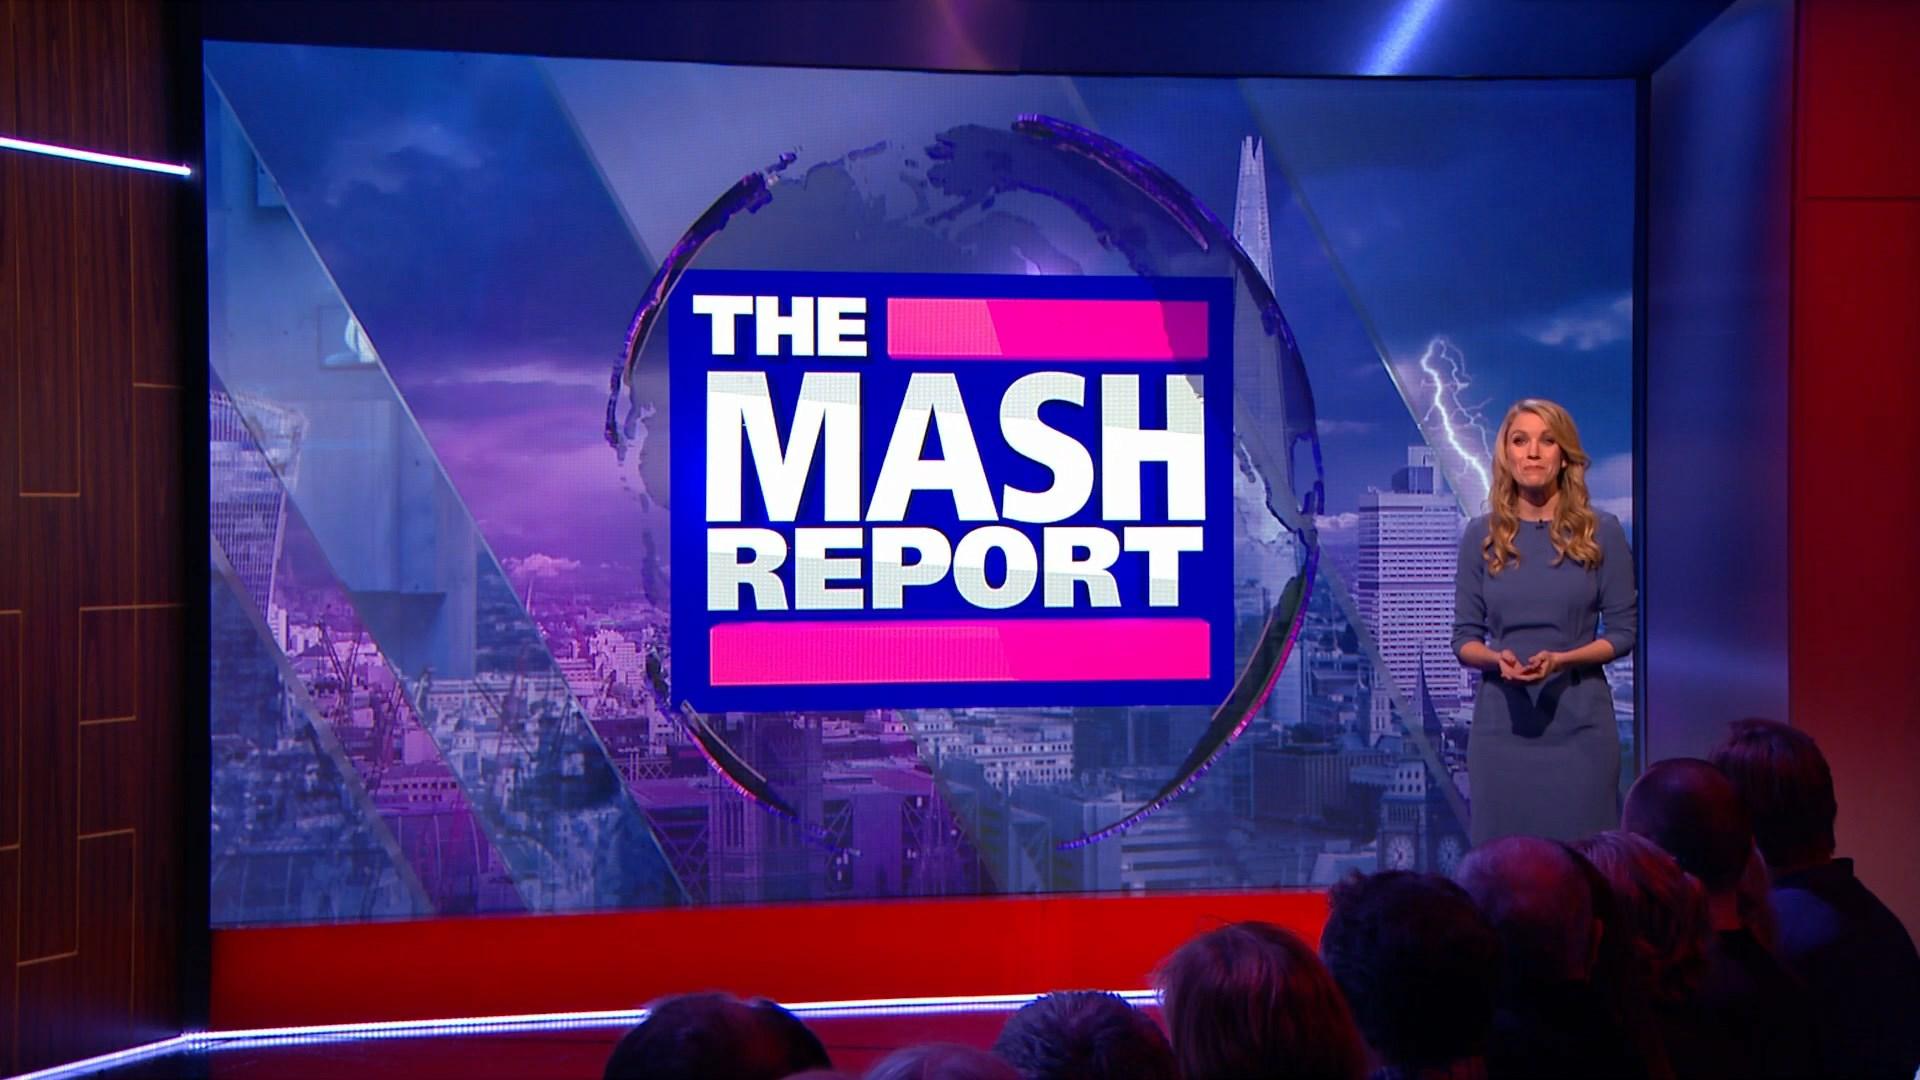 90393053_the-mash-report_20181207_2200-ts_snapshot_07-44_-2018-12-08_01-59-49.jpg